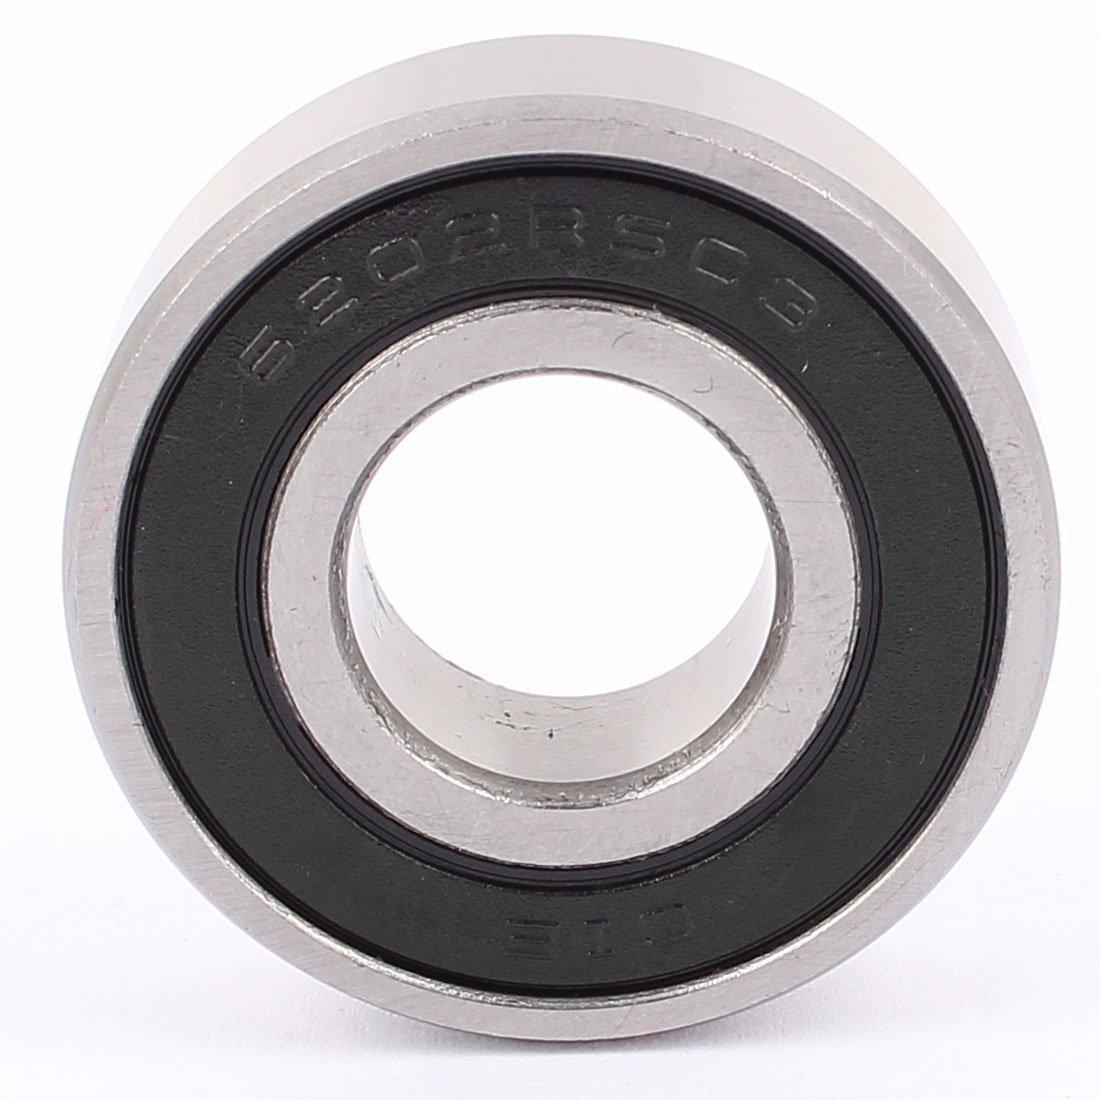 eDealMax 6202RSC3 Profundo del surco cojinete de Bolas 10 piezas de repuesto Para el Deporte Patinaje de rodillo-: Amazon.com: Industrial & Scientific